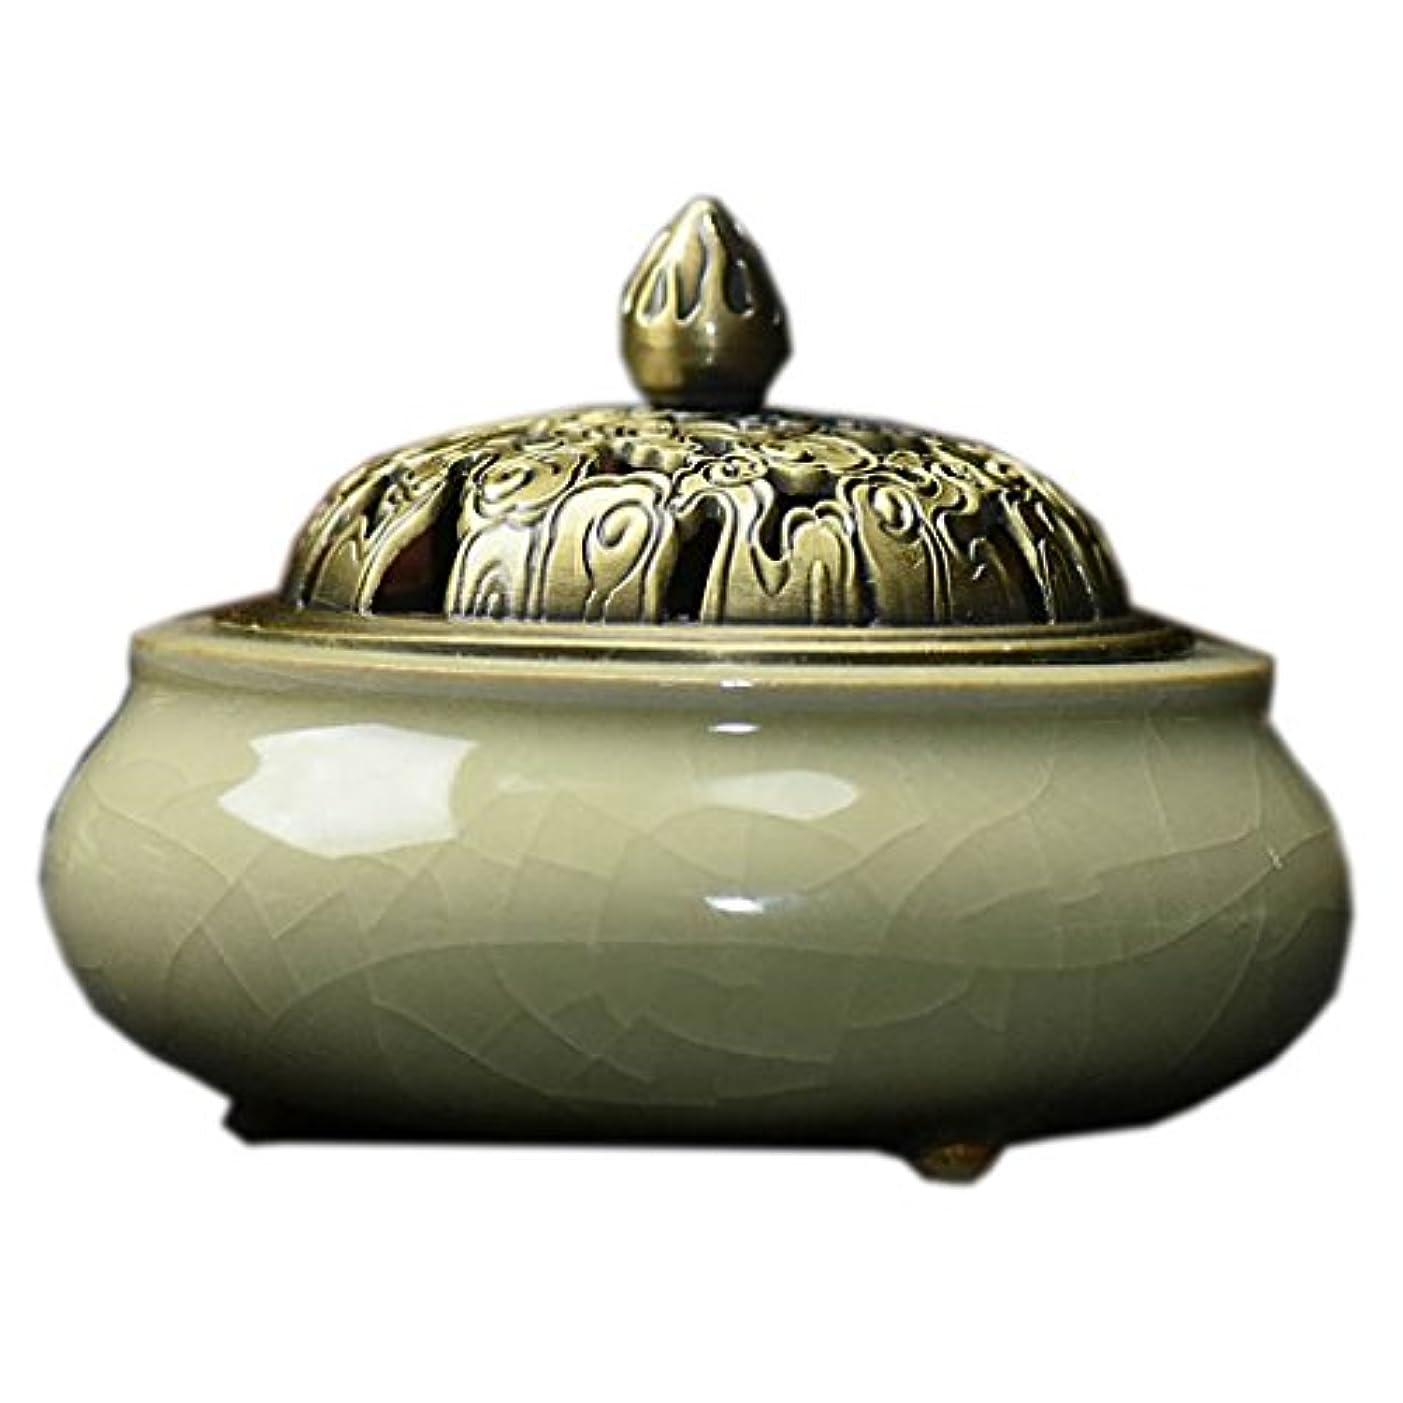 レオナルドダすばらしいですたとえ(ラシューバー) Lasuiveur 陶磁器 香炉 香立て 渦巻き線香 線香立て お香立て